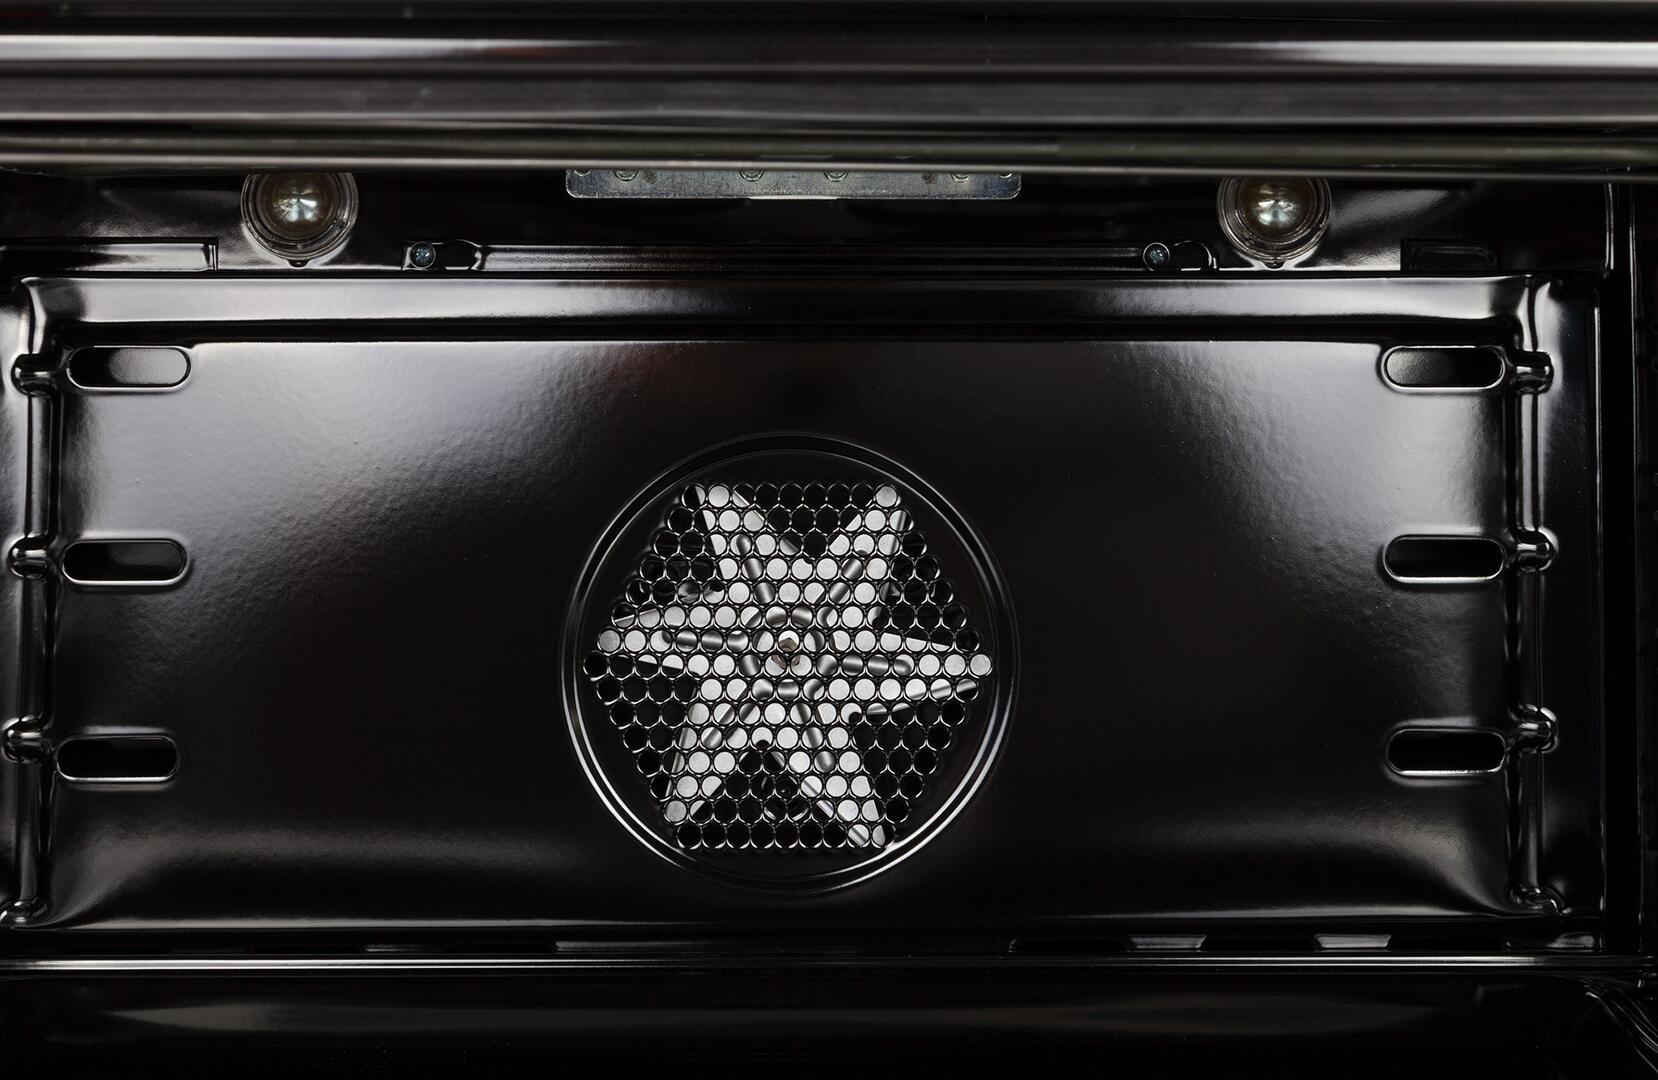 Ilve Professional Plus UPDW1006DMPN Freestanding Dual Fuel Range Black, 15